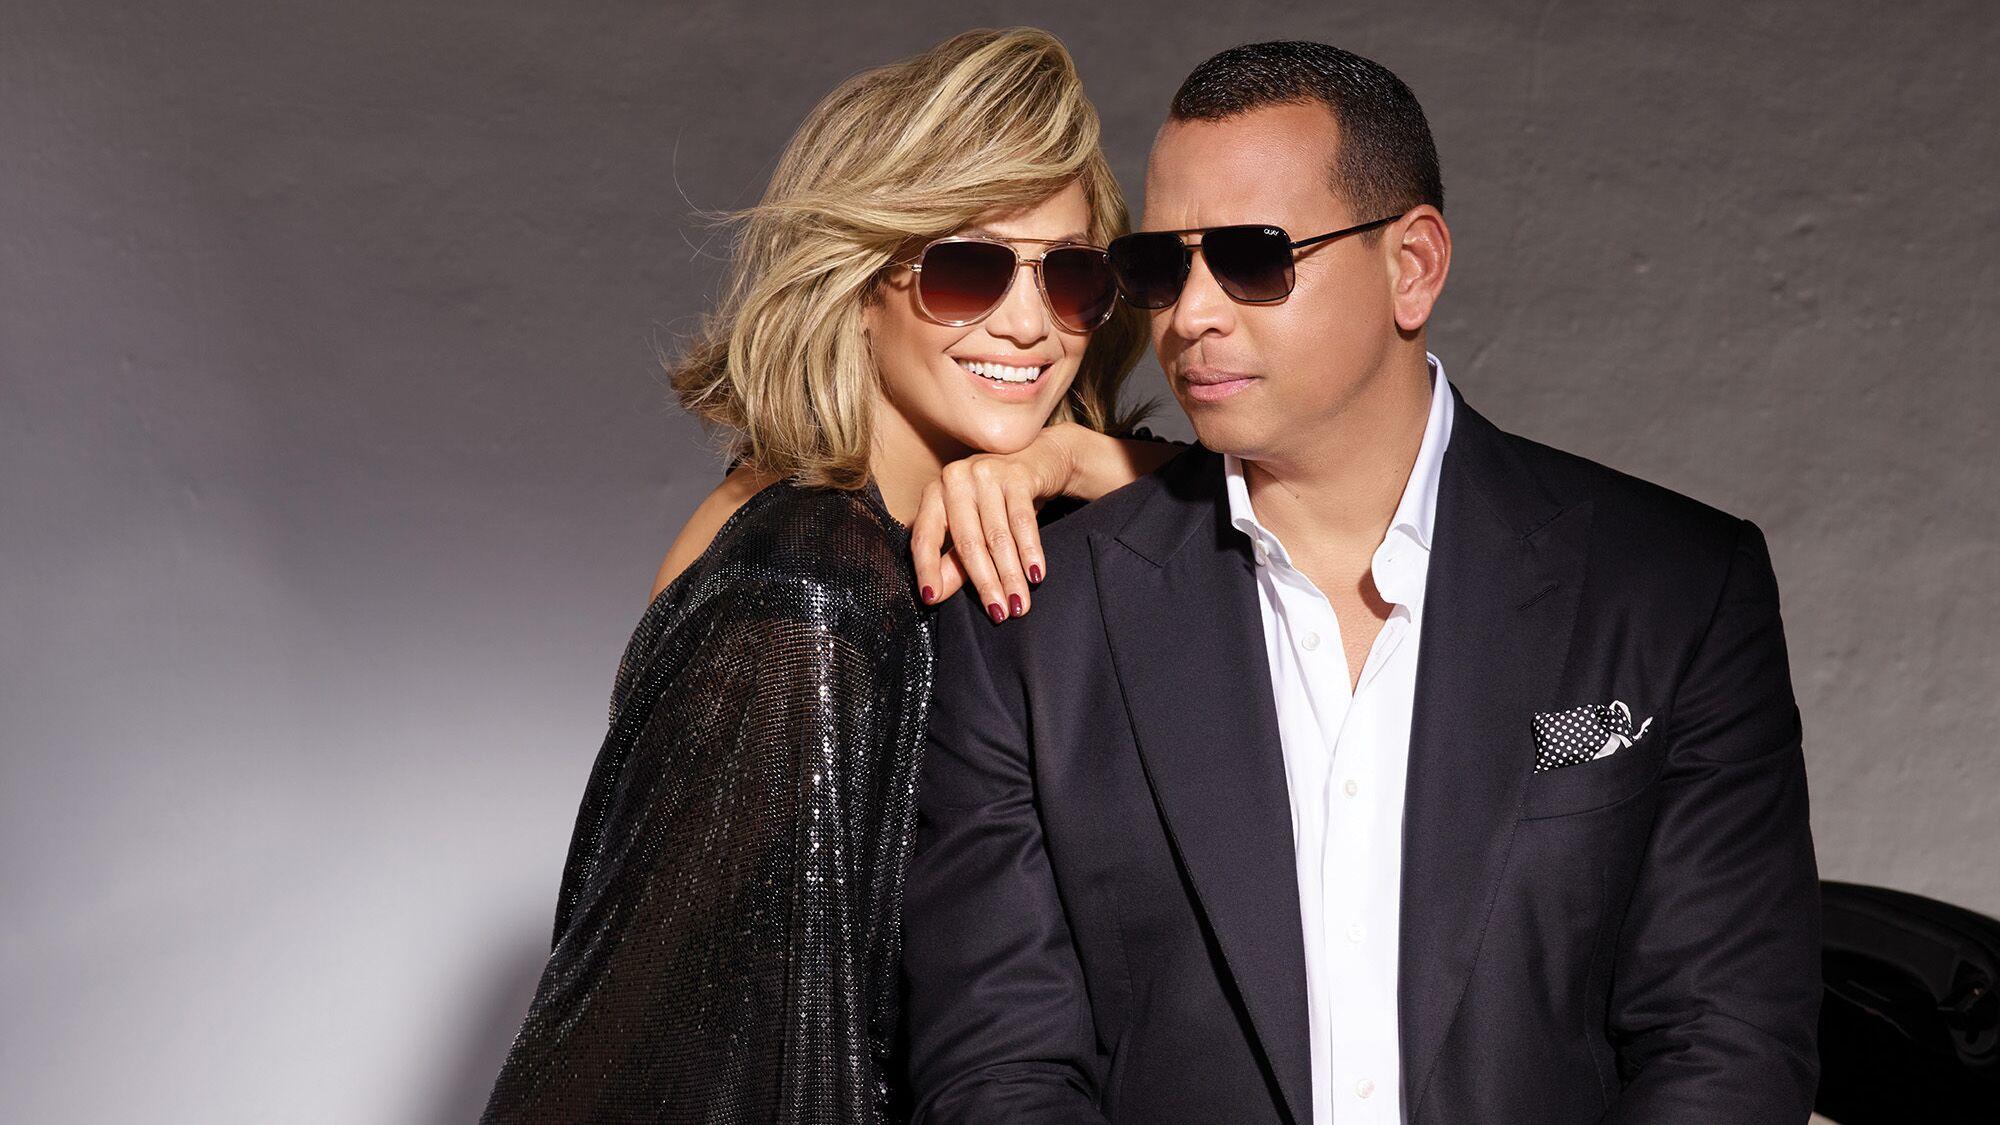 b87c0c5bf9b Quay Australia s associe à Jennifer Lopez et son fiancé pour une collection  de lunettes de soleil canon ! - Voici